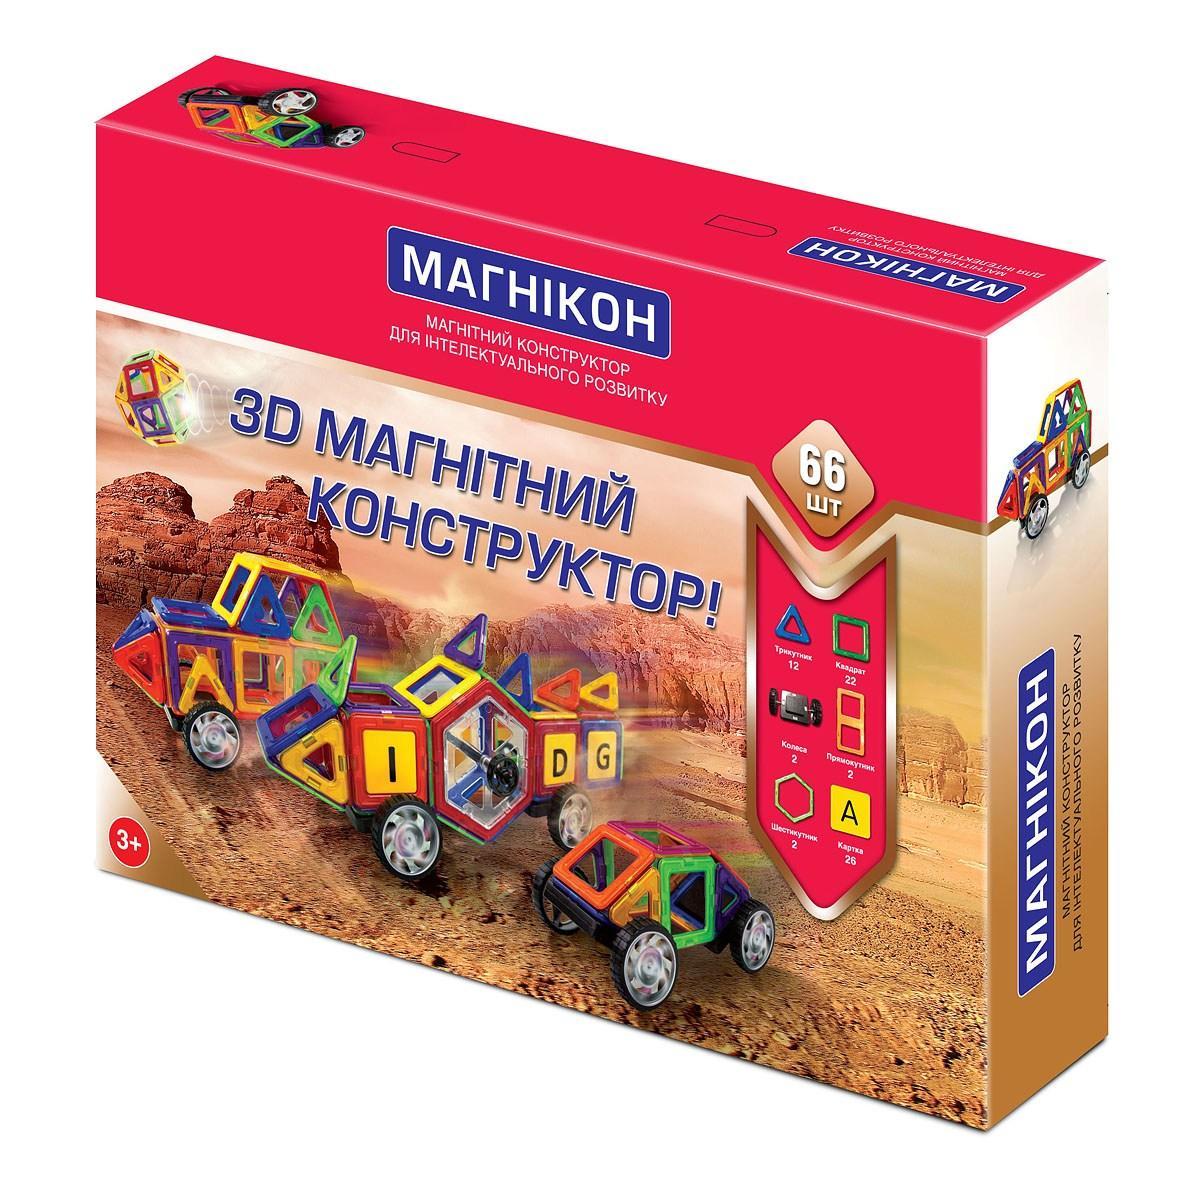 3D магнітний конструктор МАГНІКОН 66 дет.